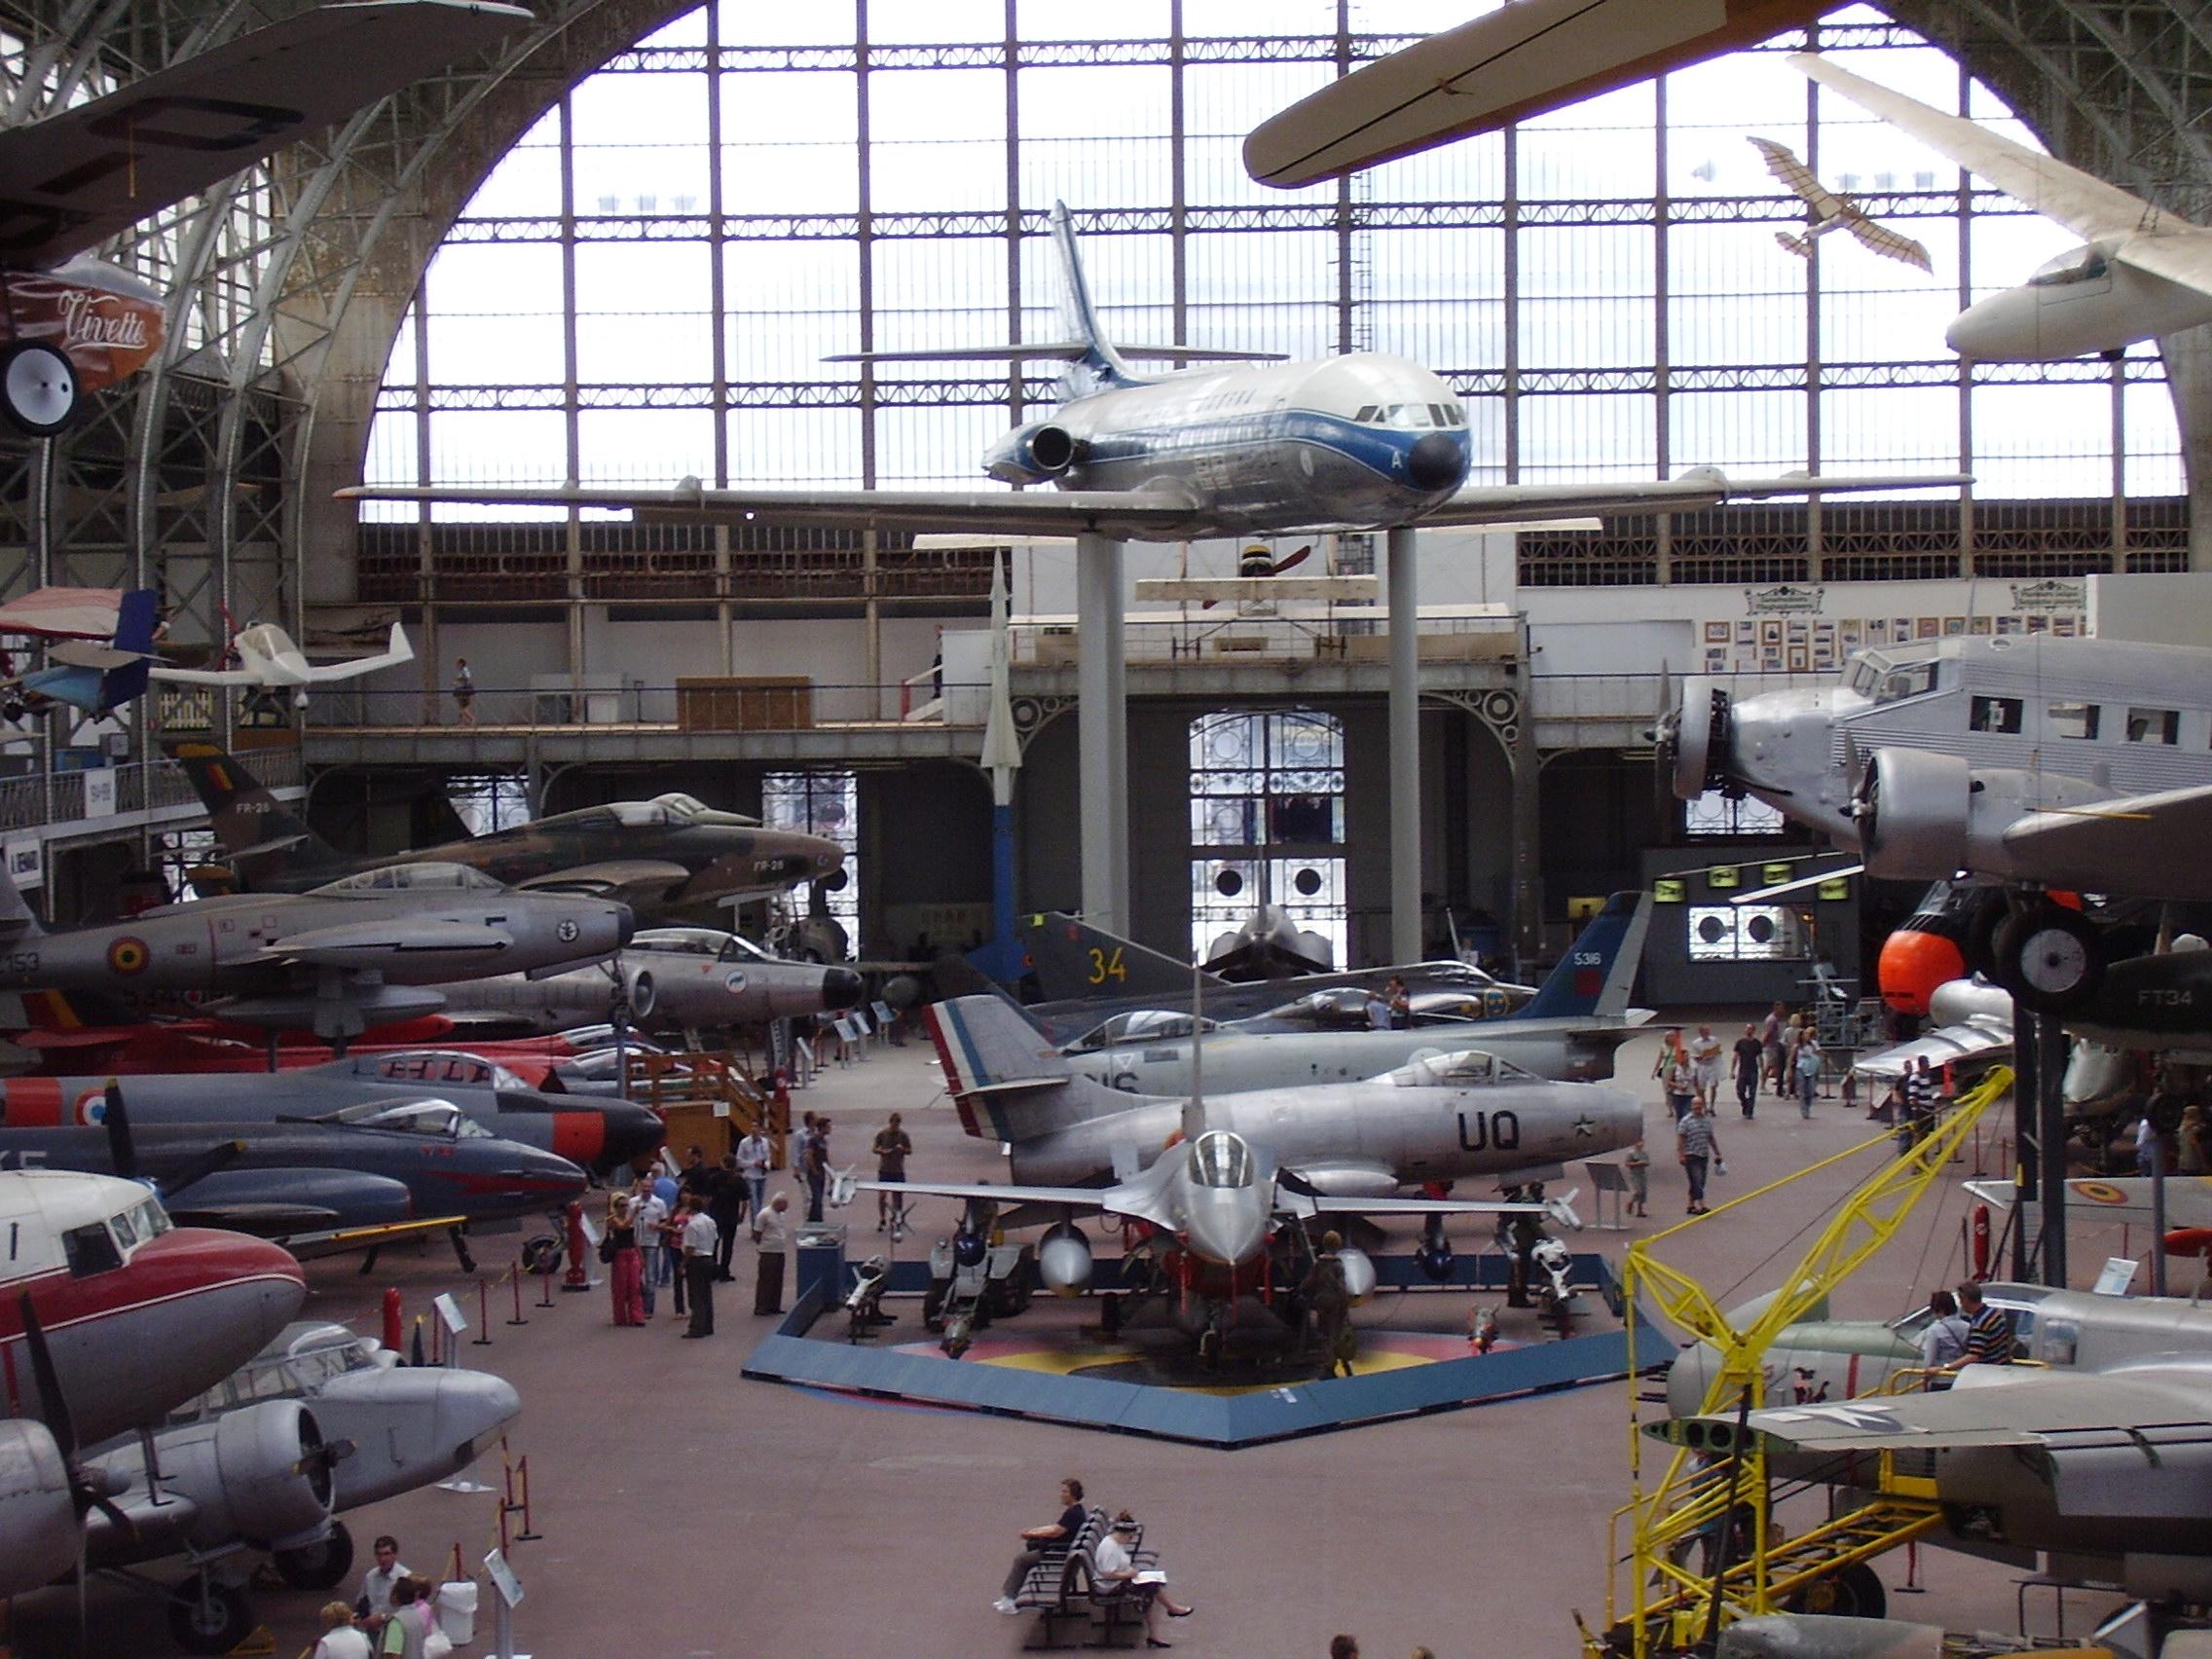 Музей Армии и военной истории